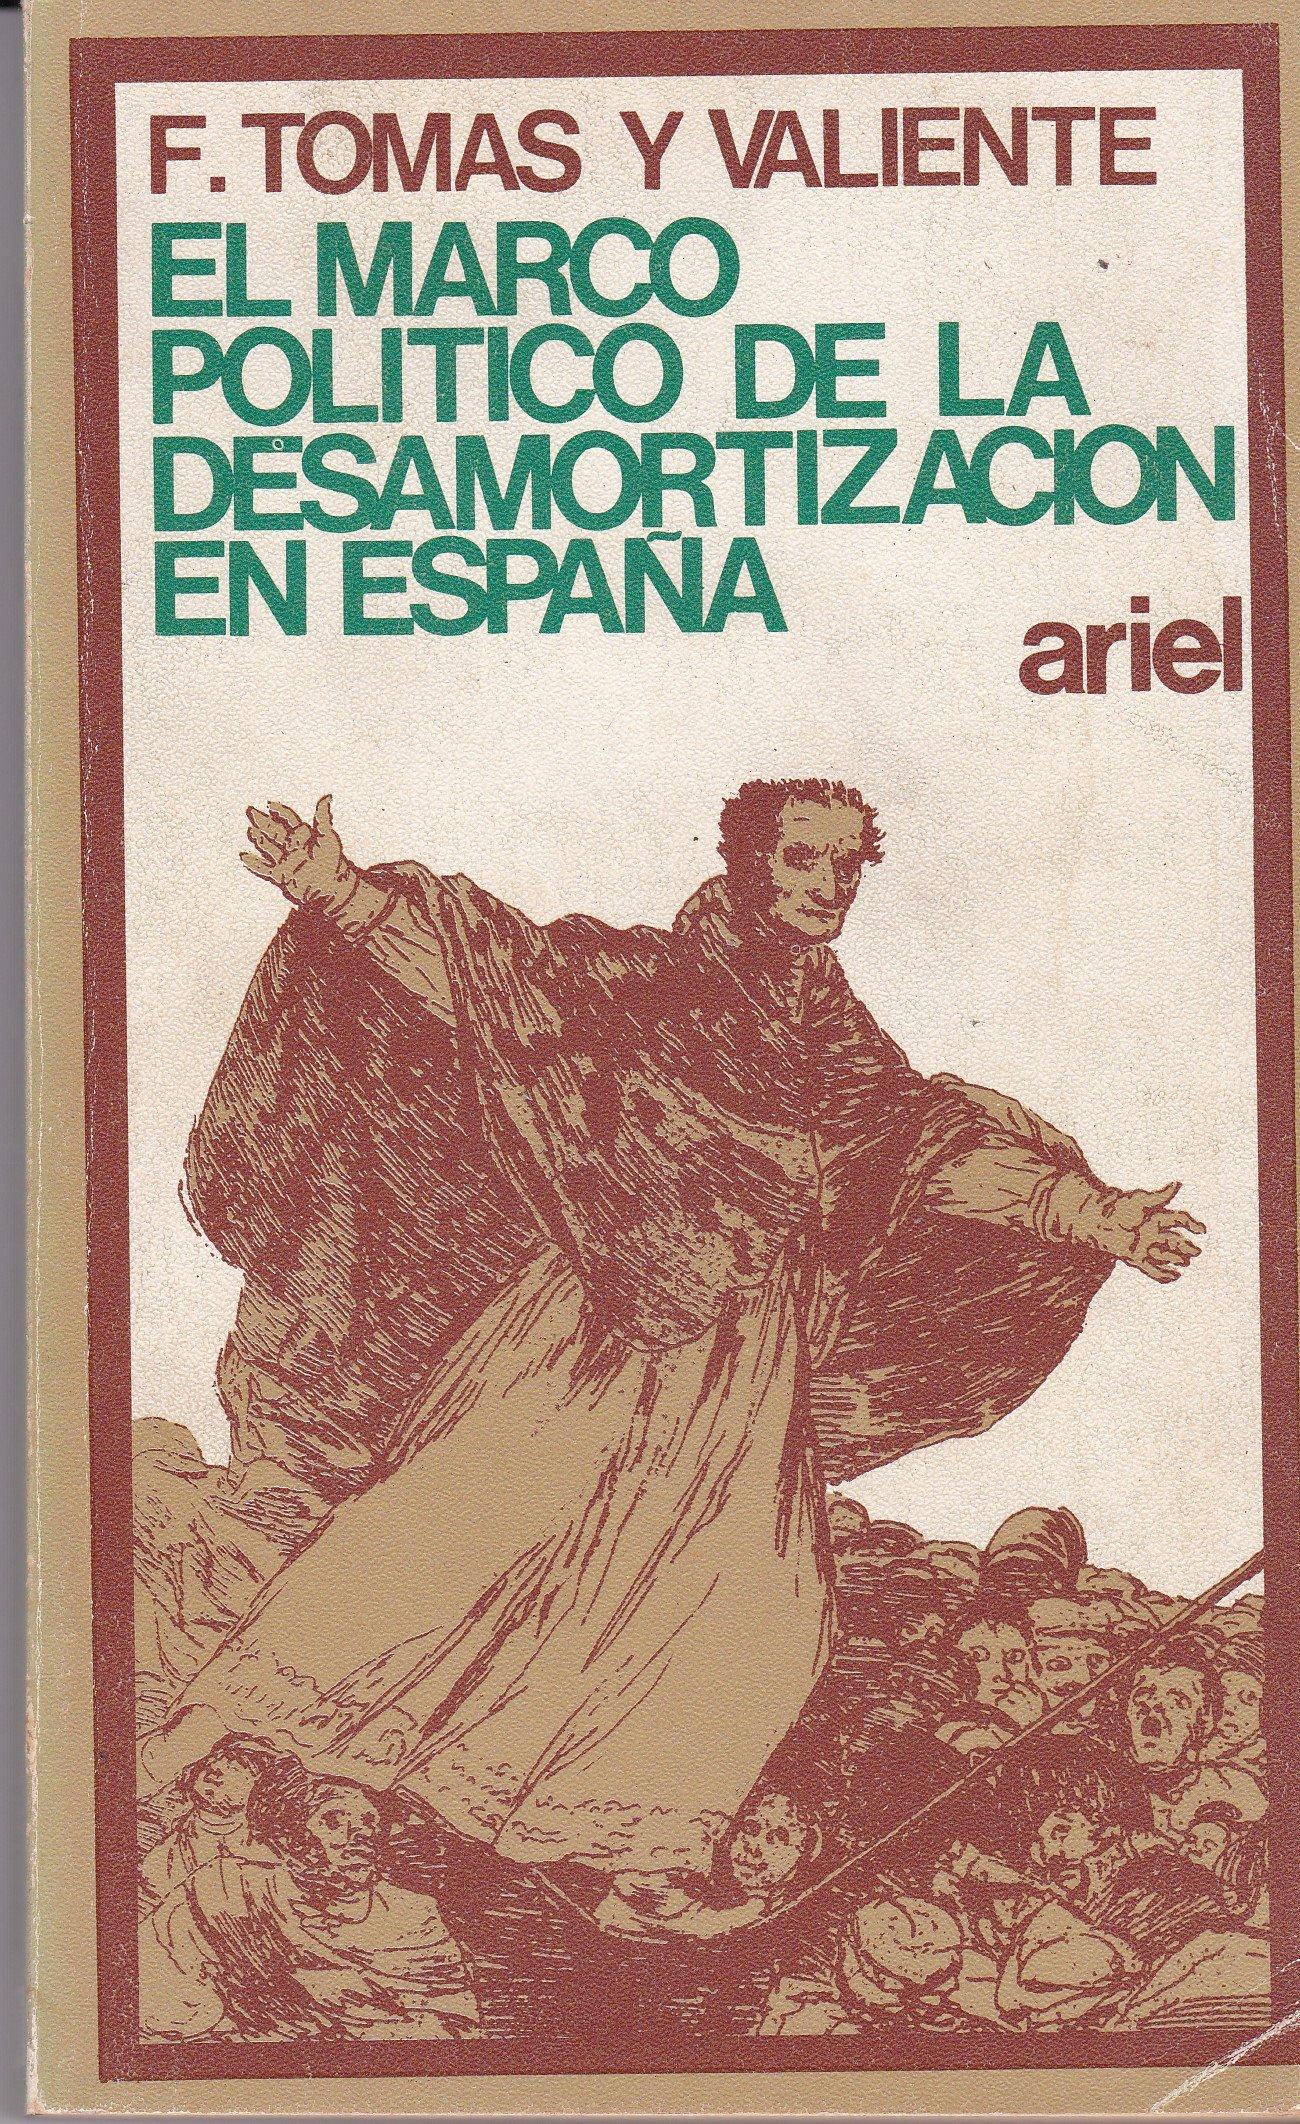 Marco politico de la desamortizacion en España, el Ariel quincenal: Amazon.es: Tomás y Valiente, Francisco: Libros